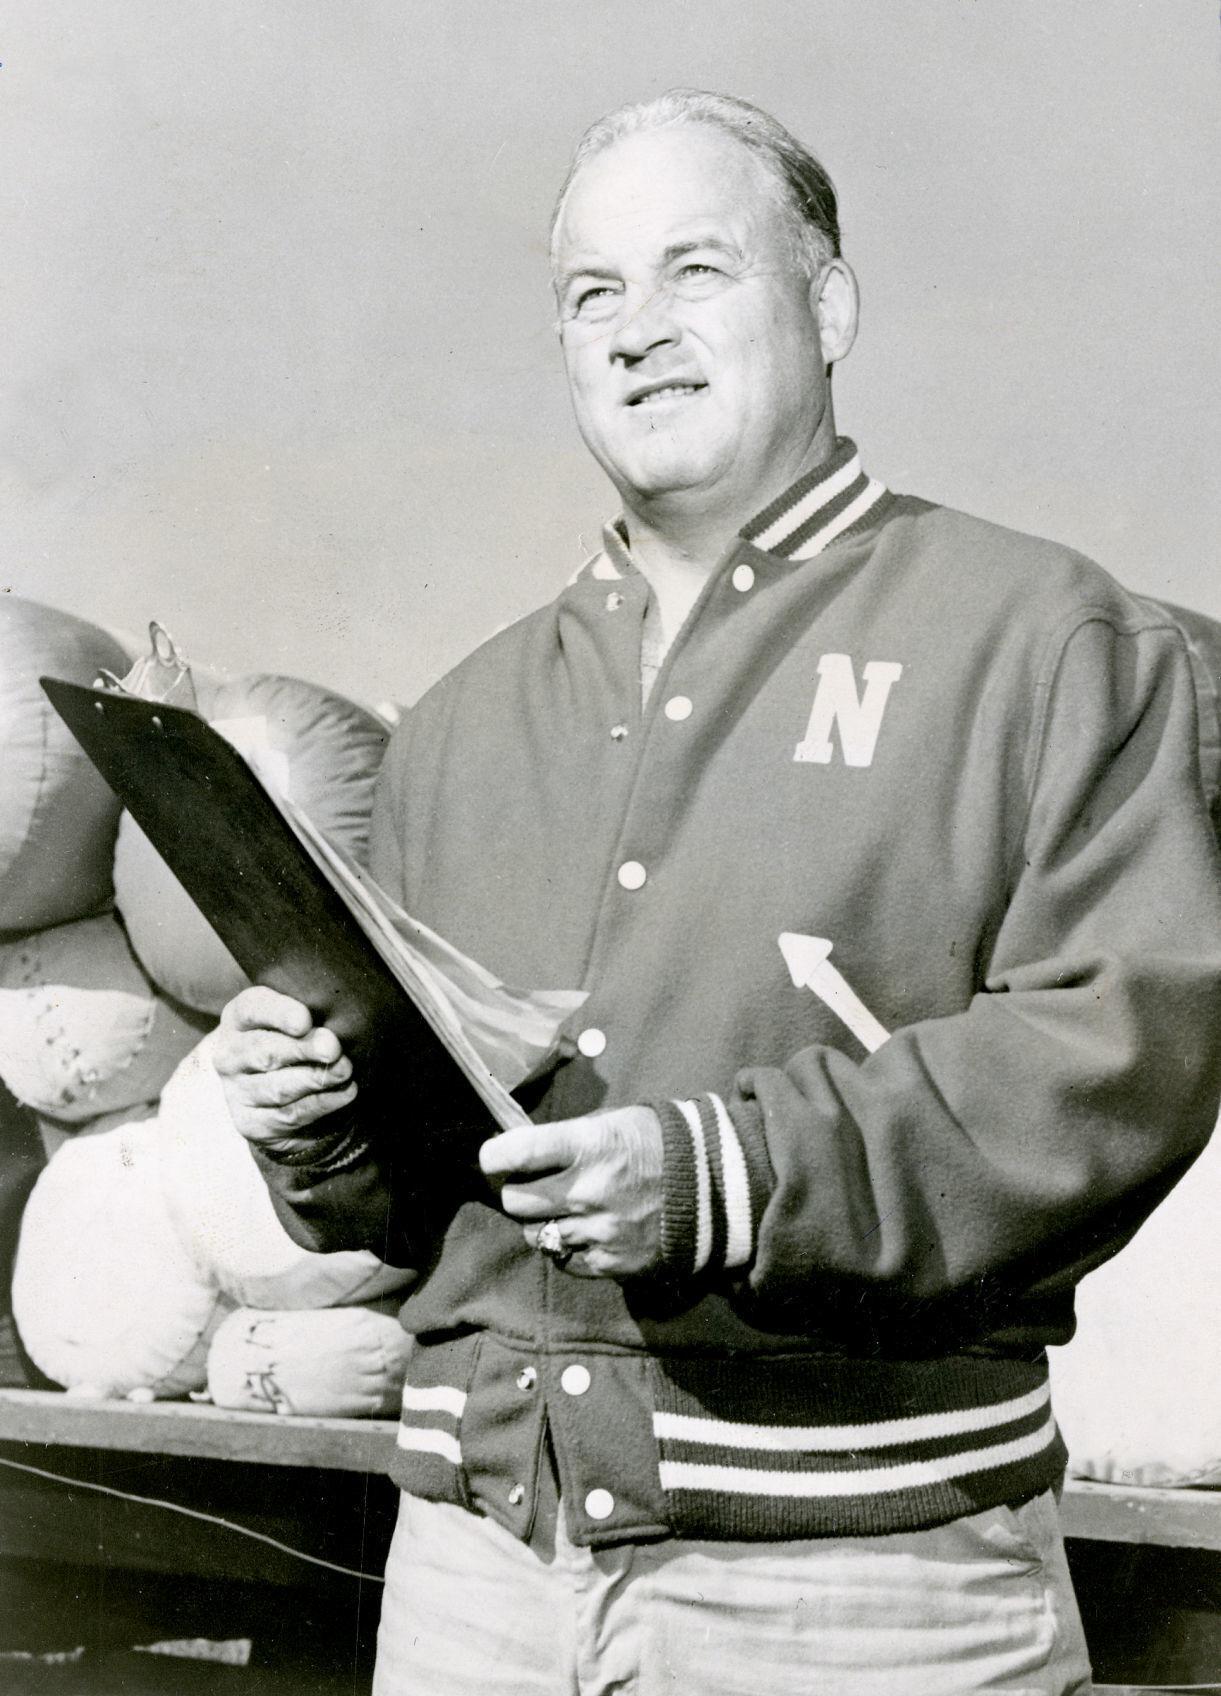 Bob Devaney, 1962